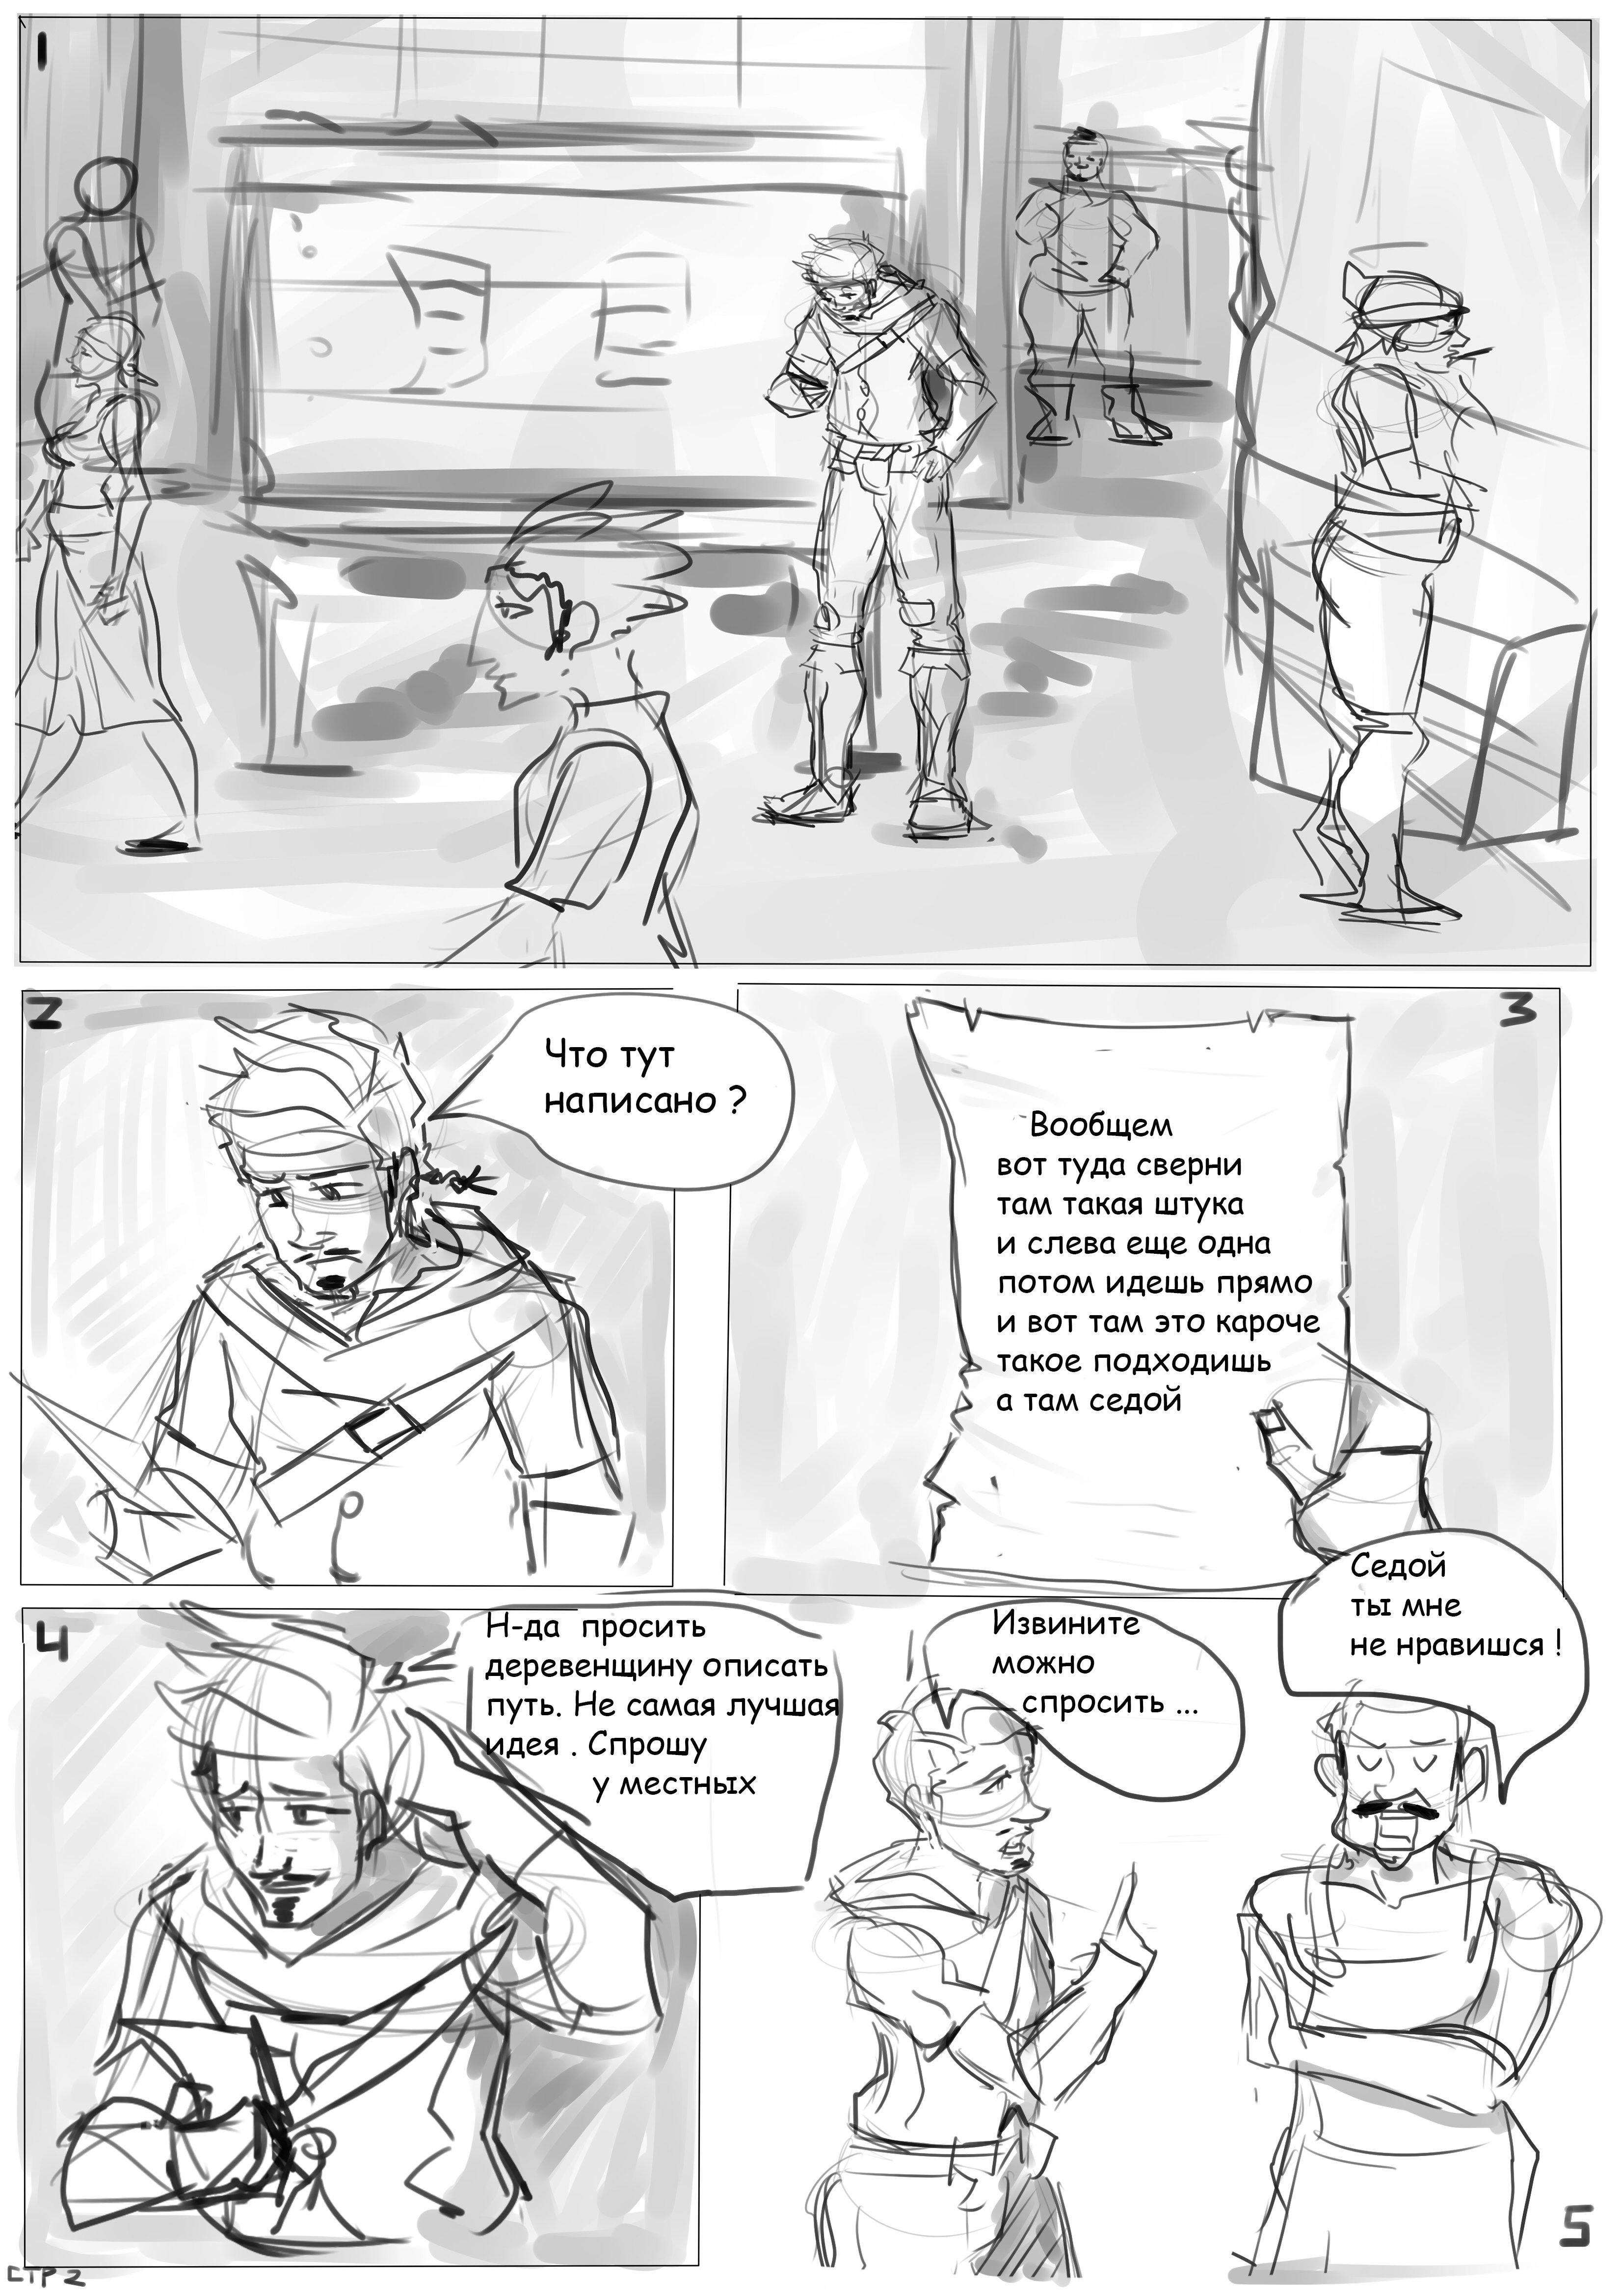 Как Геральт научил меня охотится (КОМИКС) - Изображение 2